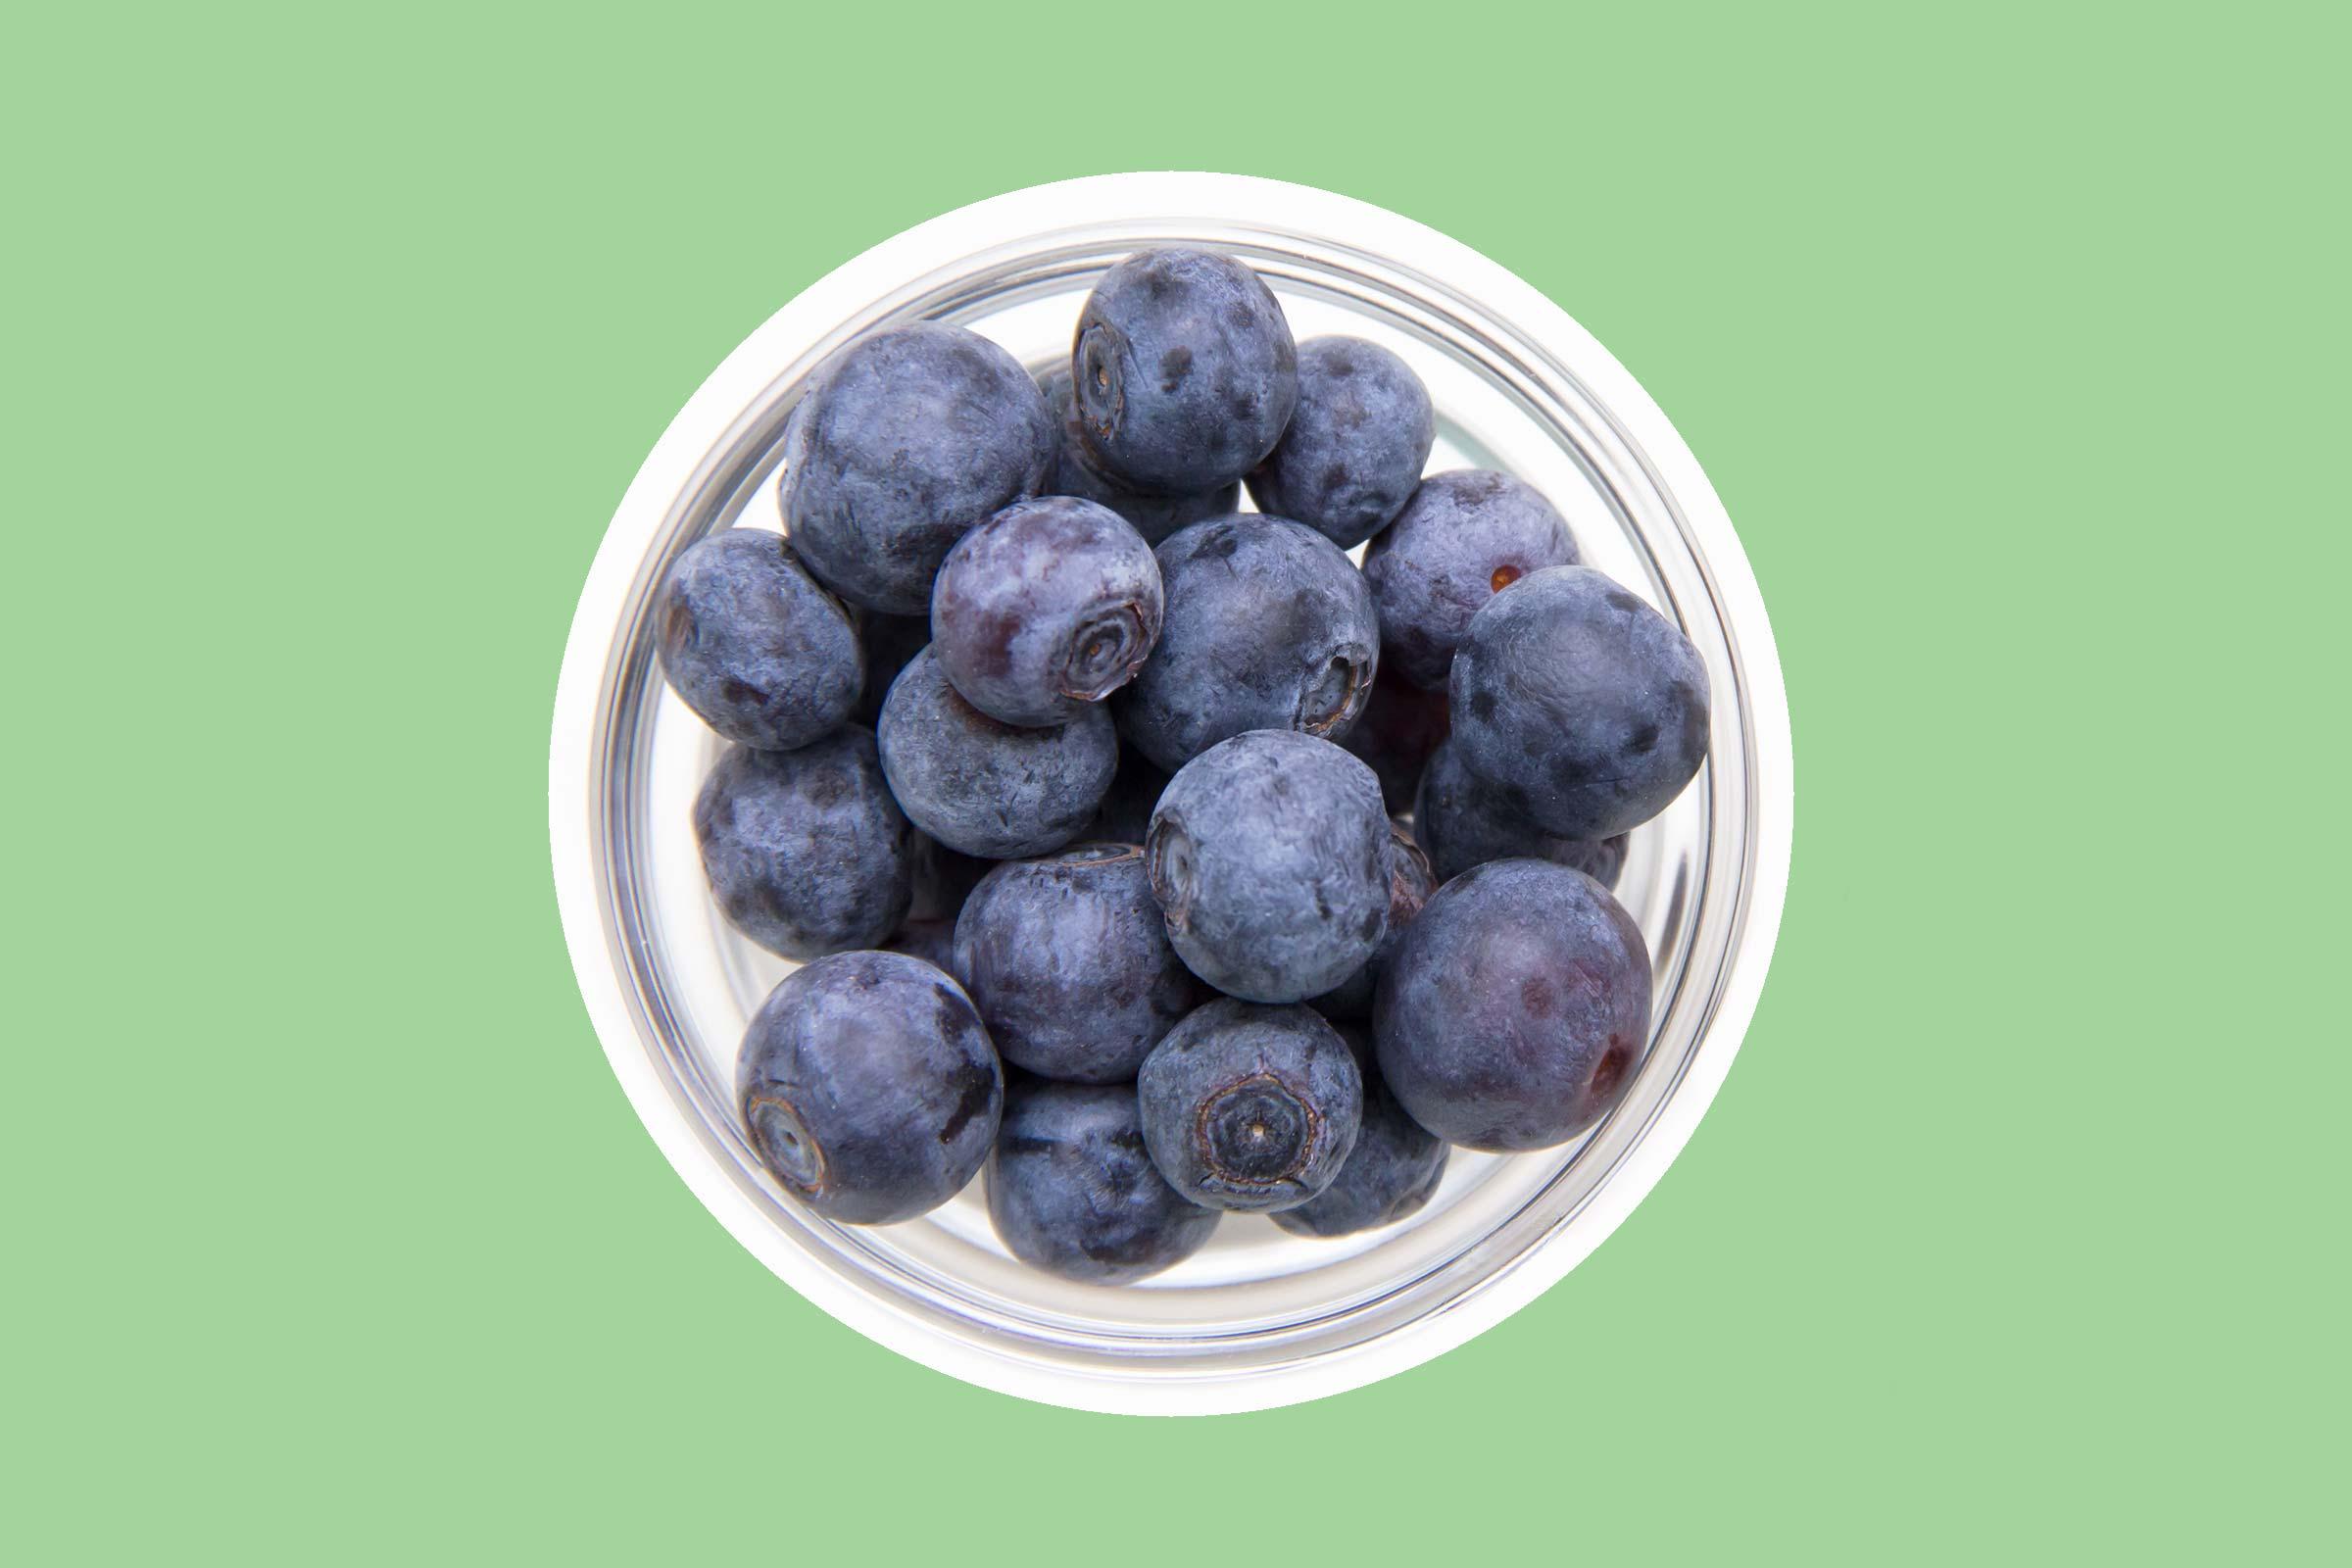 ١٥ نوعا من الطعام يعتبر ملين طبيعي بمفعول قوي ثقف نفسك